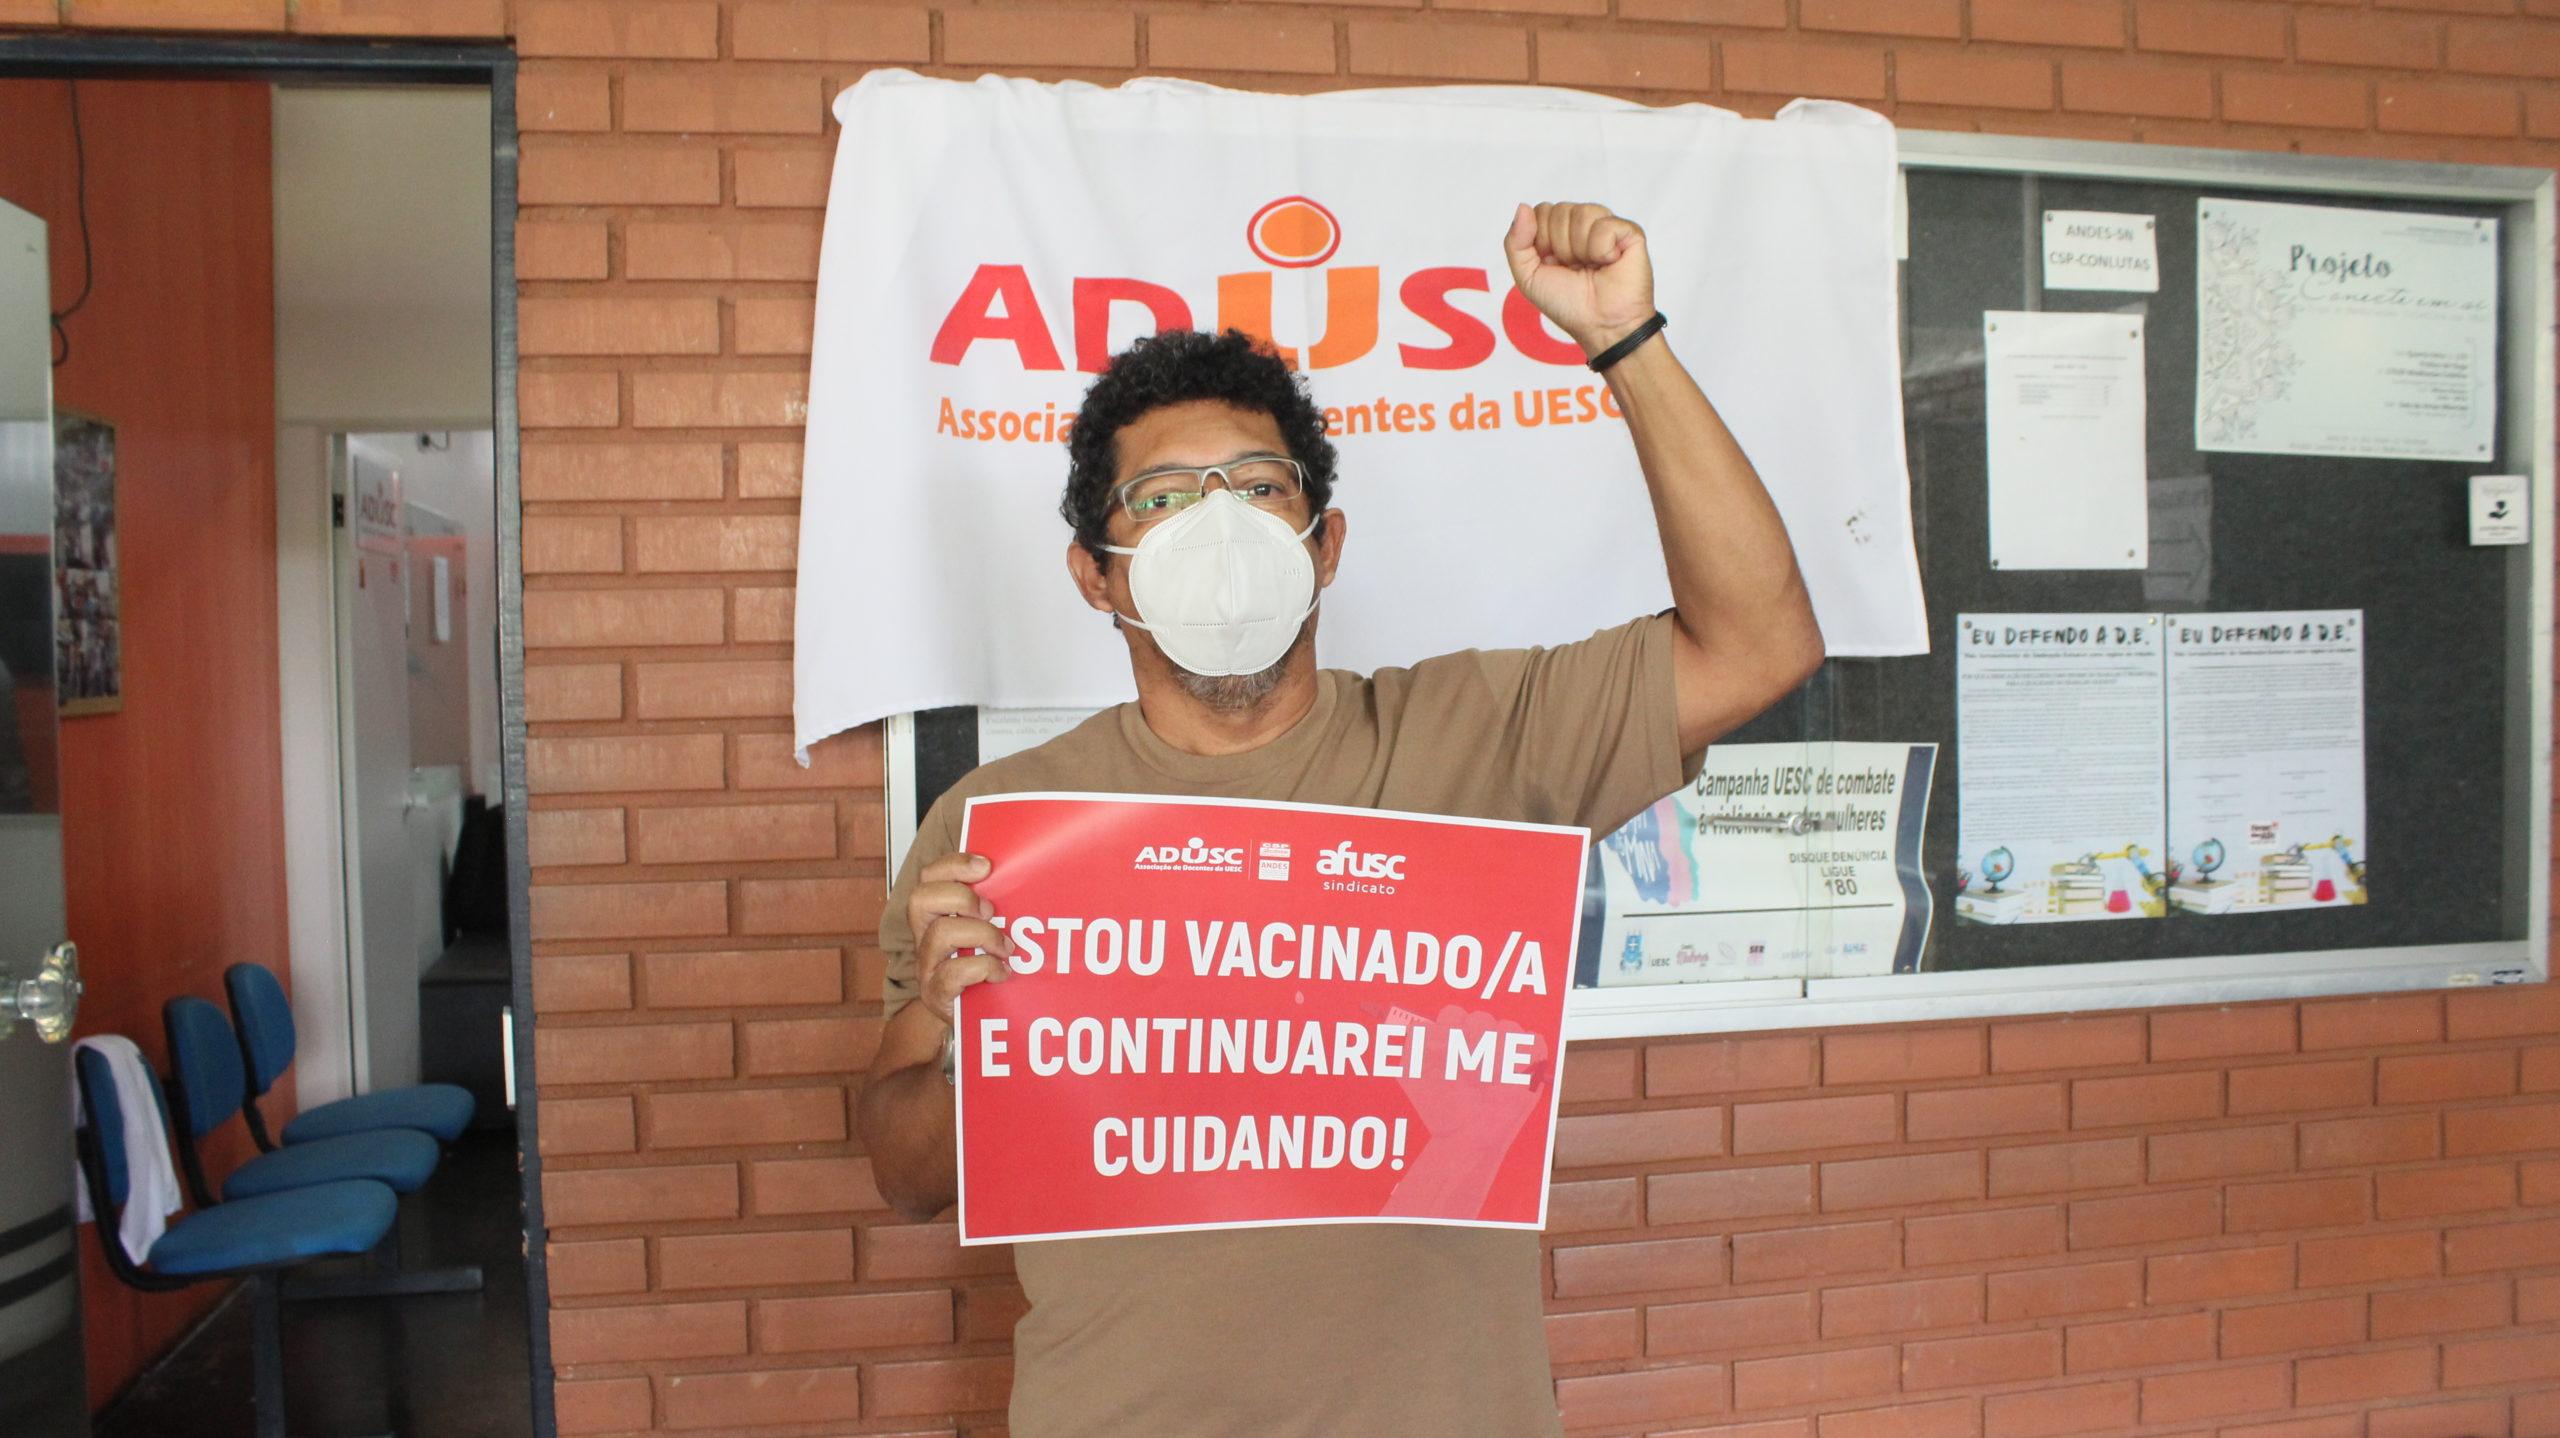 Primeiro dia de vacinação dos servidores da UESC; Confira as fotos